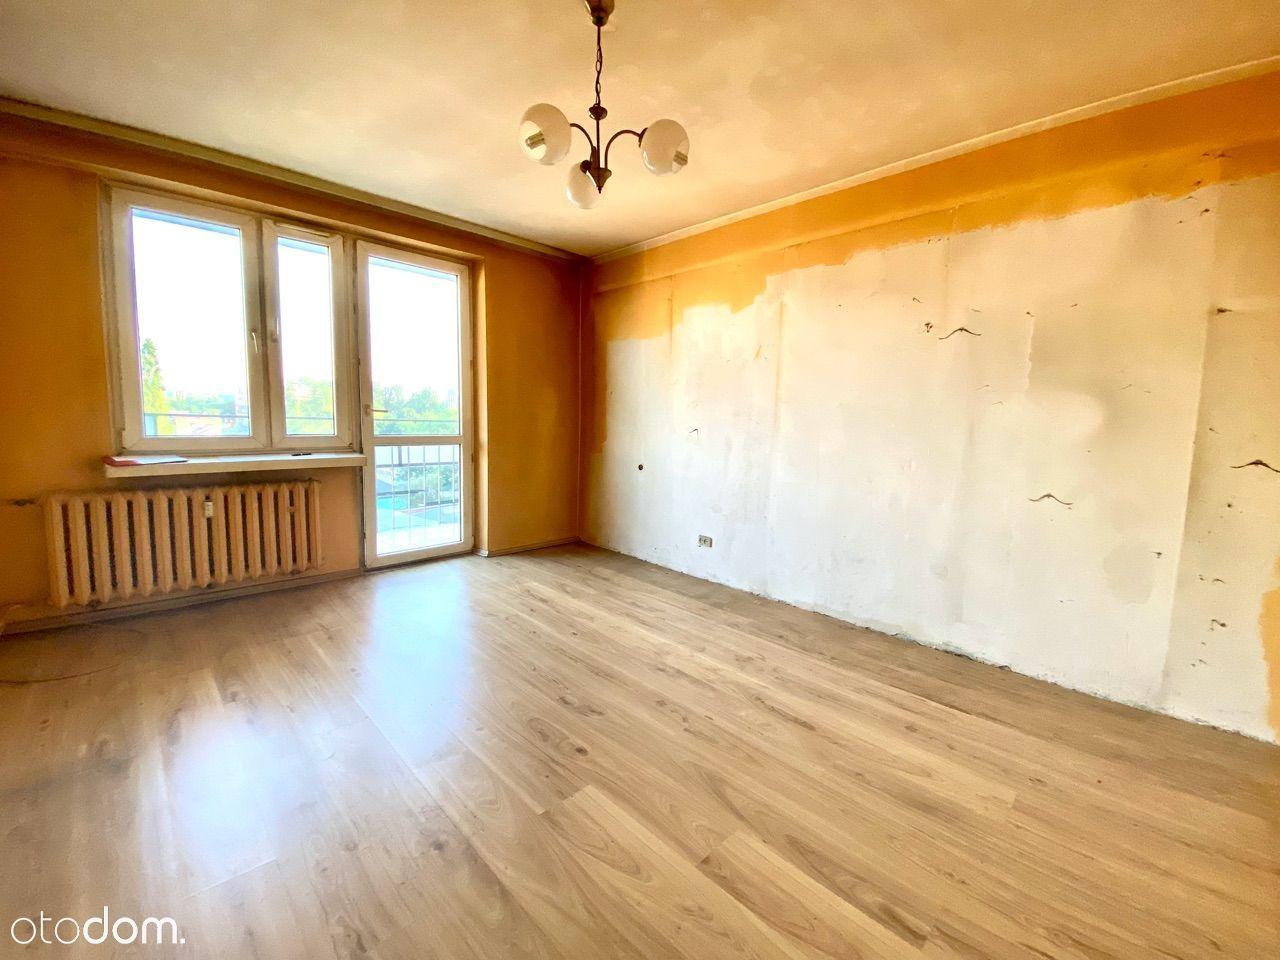 2 pokoje + osobna kuchnia, duży balkon,